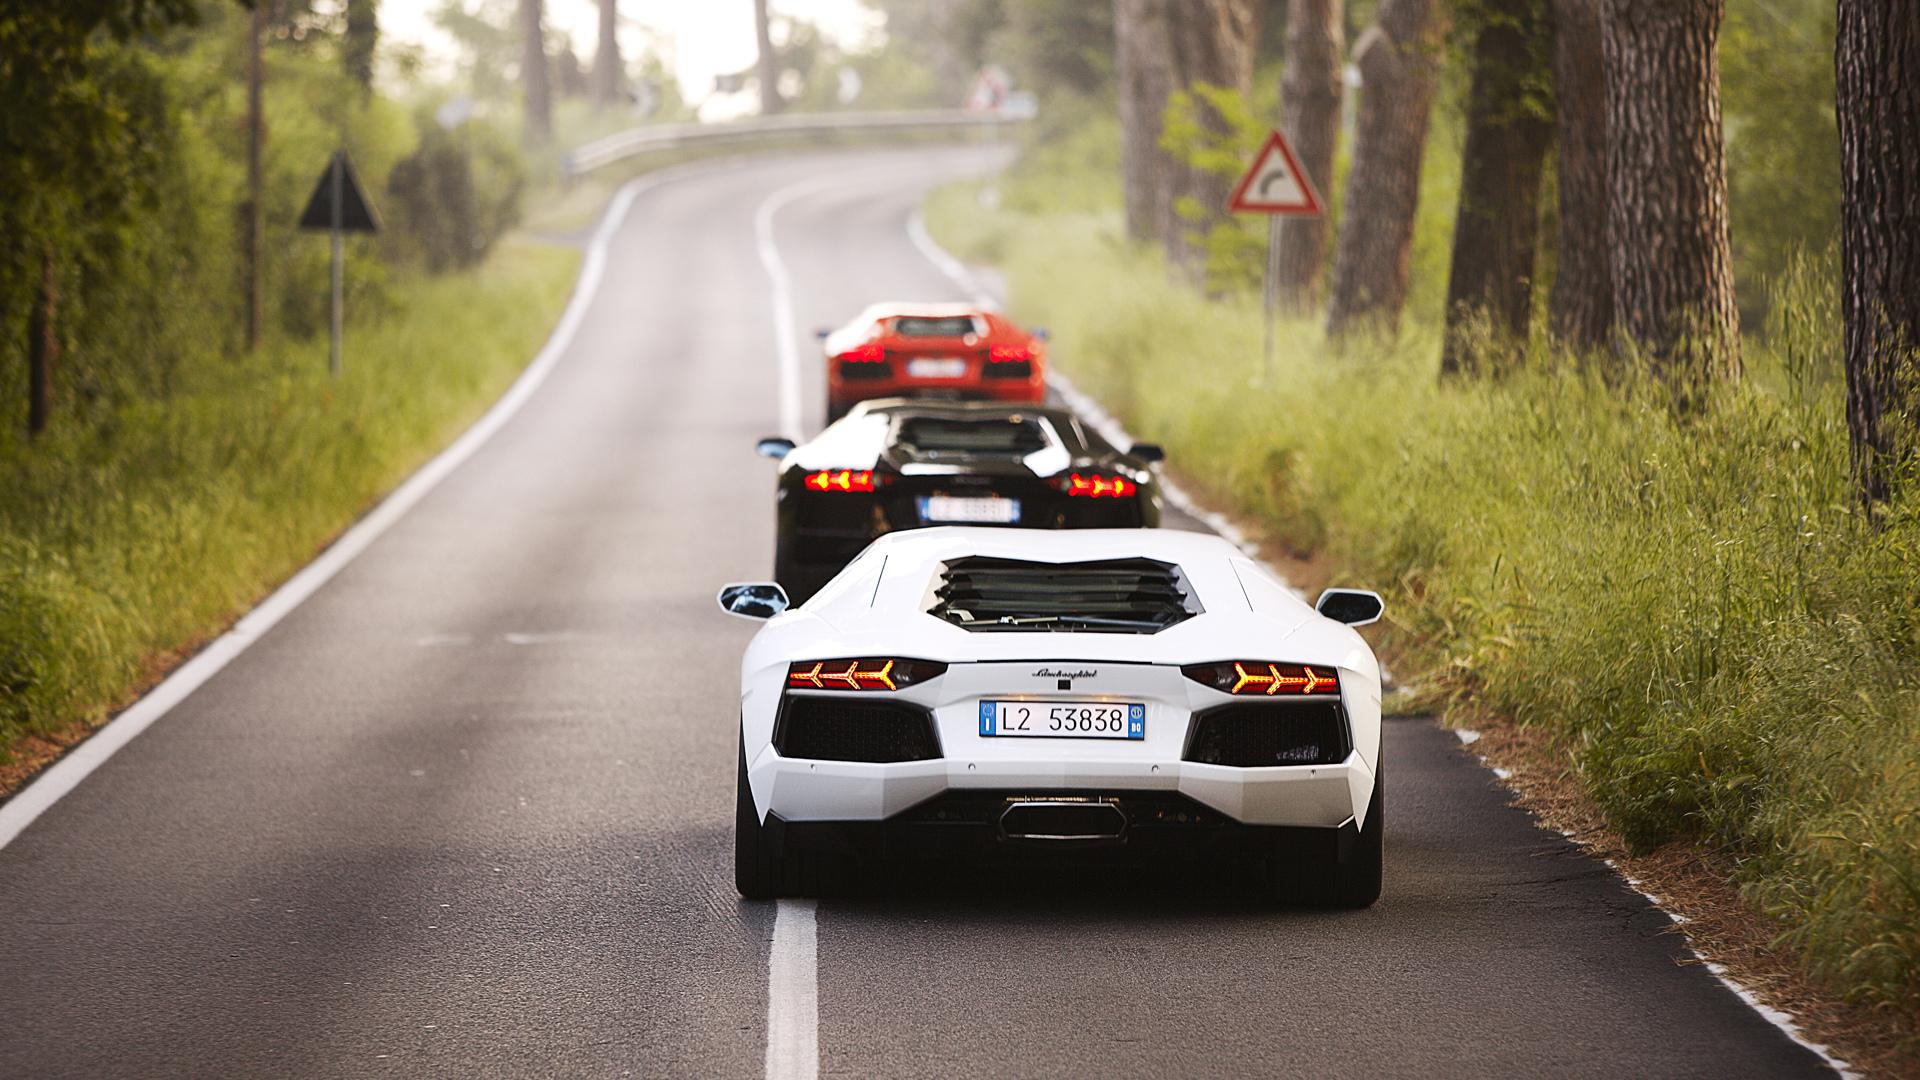 автомобили, колеса, фары